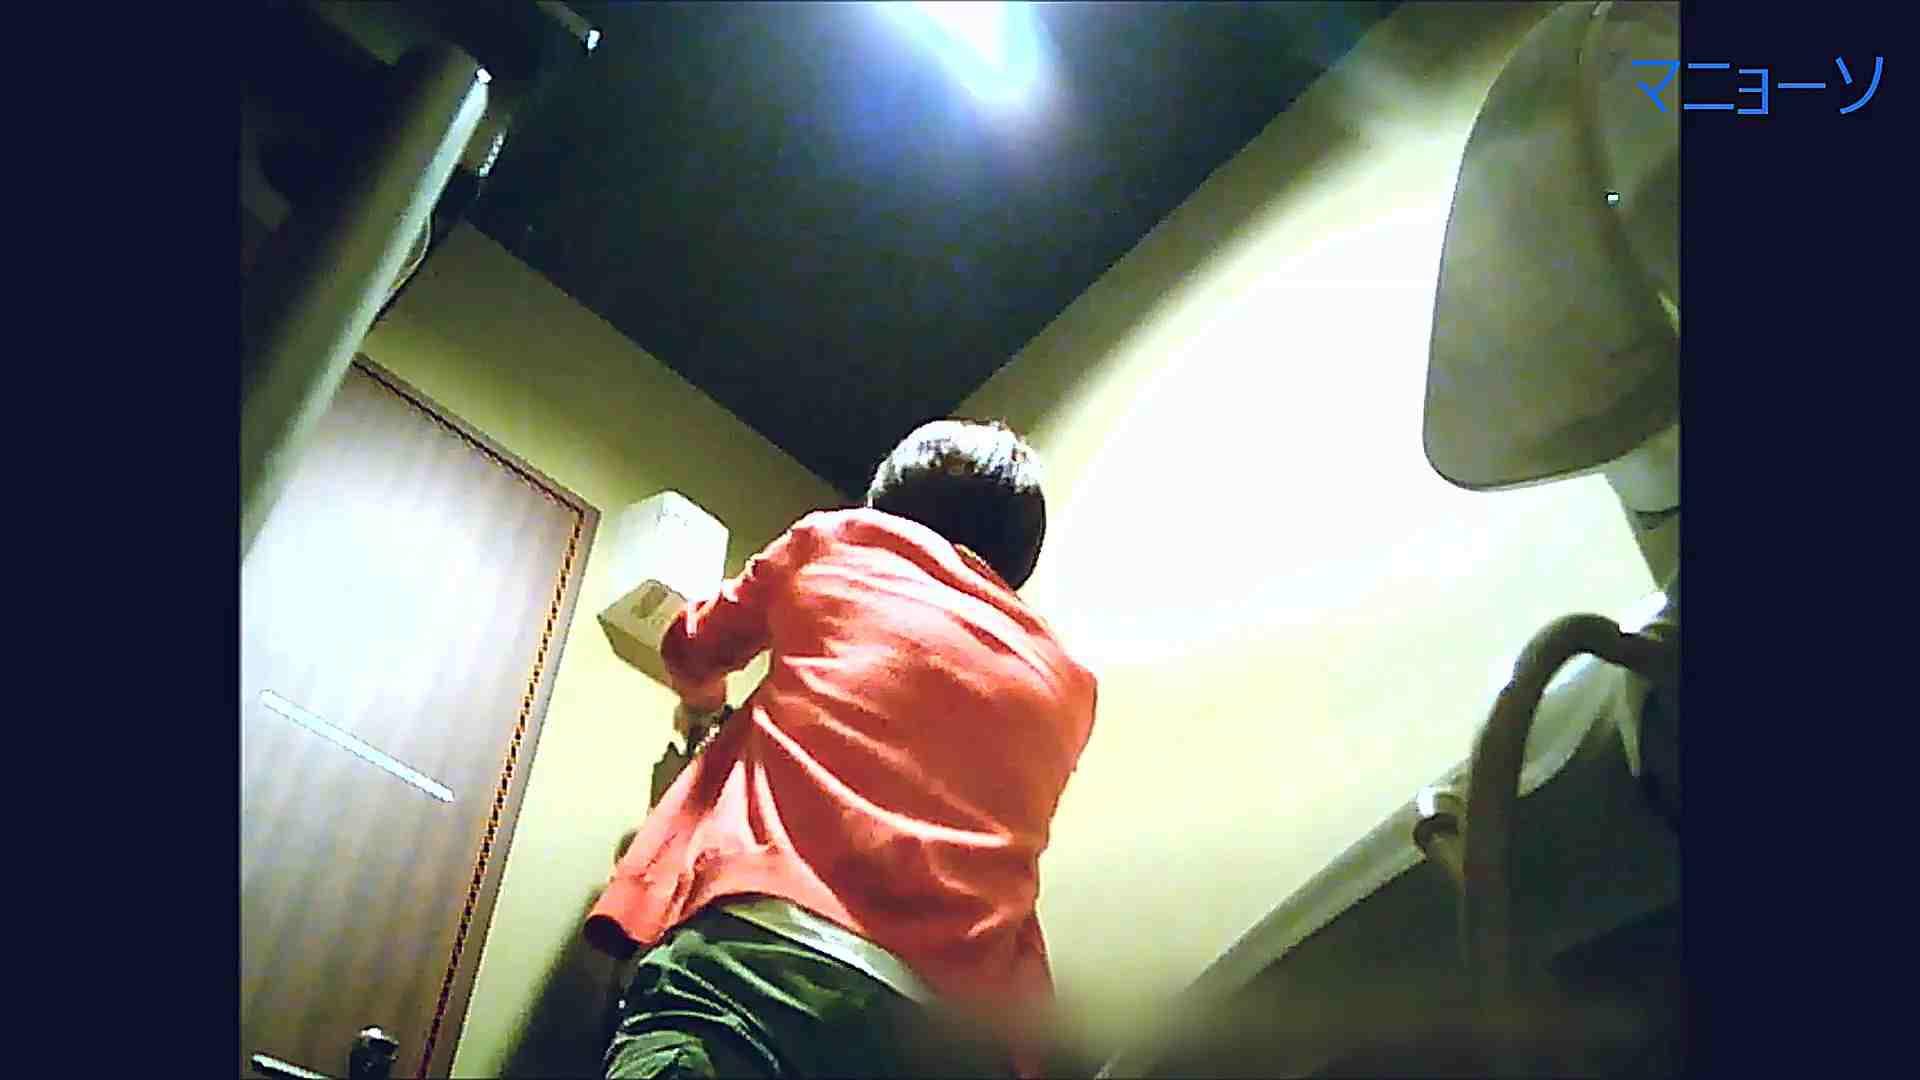 トイレでひと肌脱いでもらいました (番外編)Vol.04 トイレで・・・  77画像 46